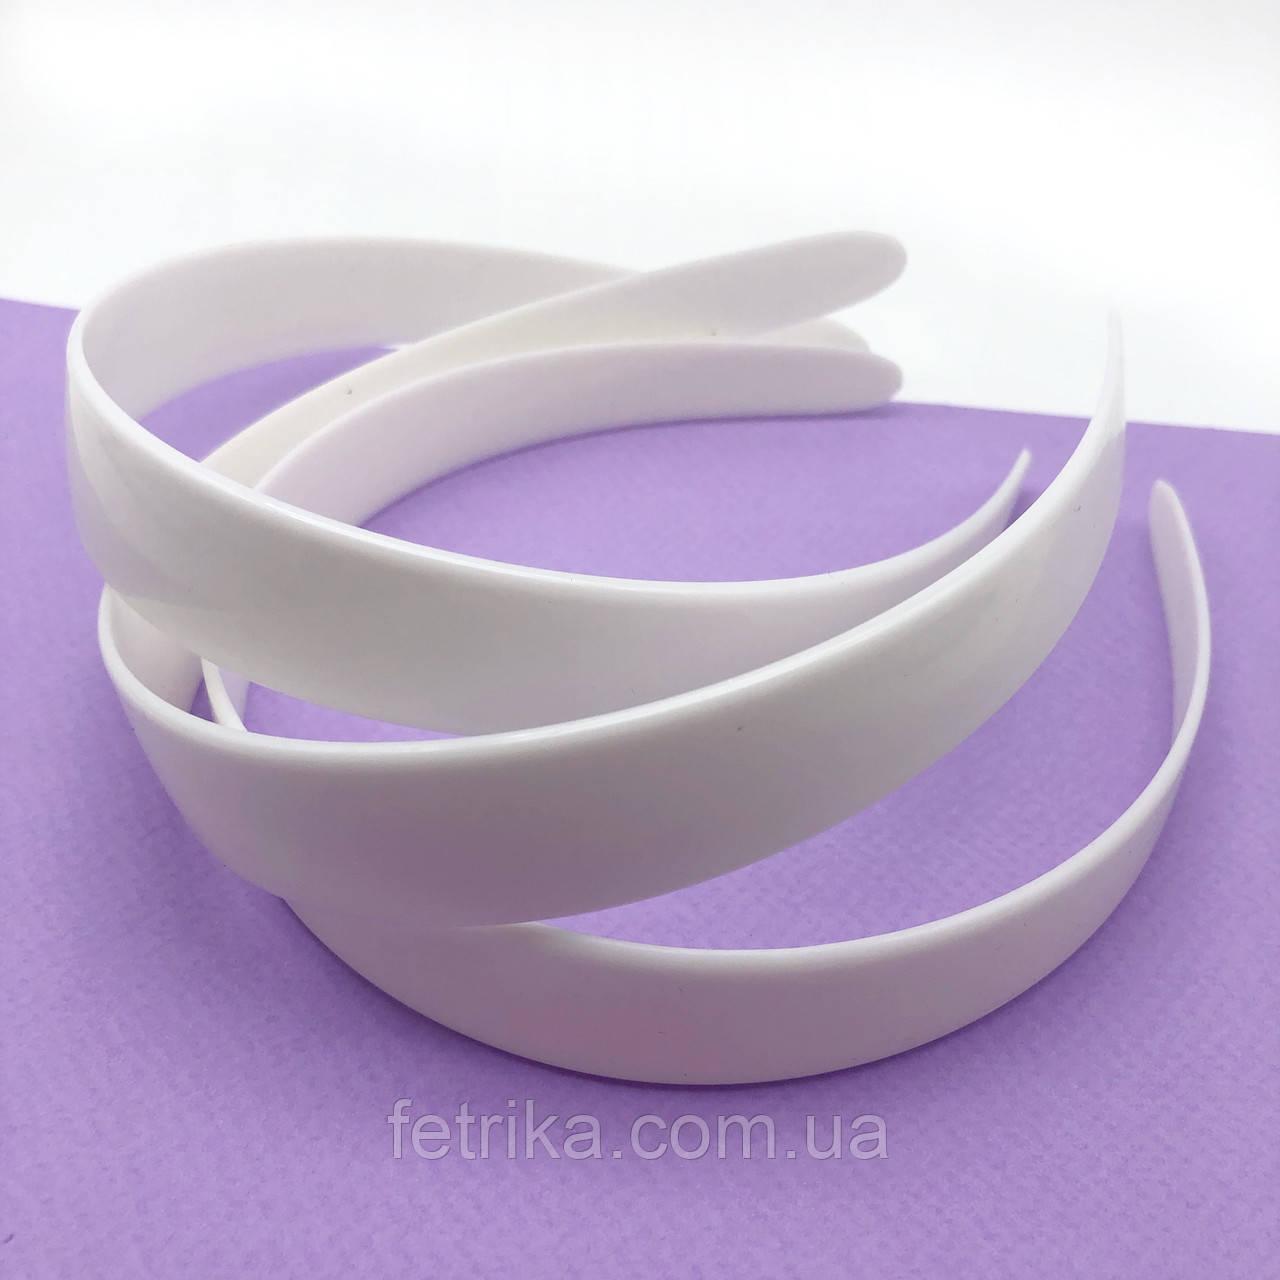 Обруч пластмассовый БЕЛЫЙ без зубчиков, 25 мм